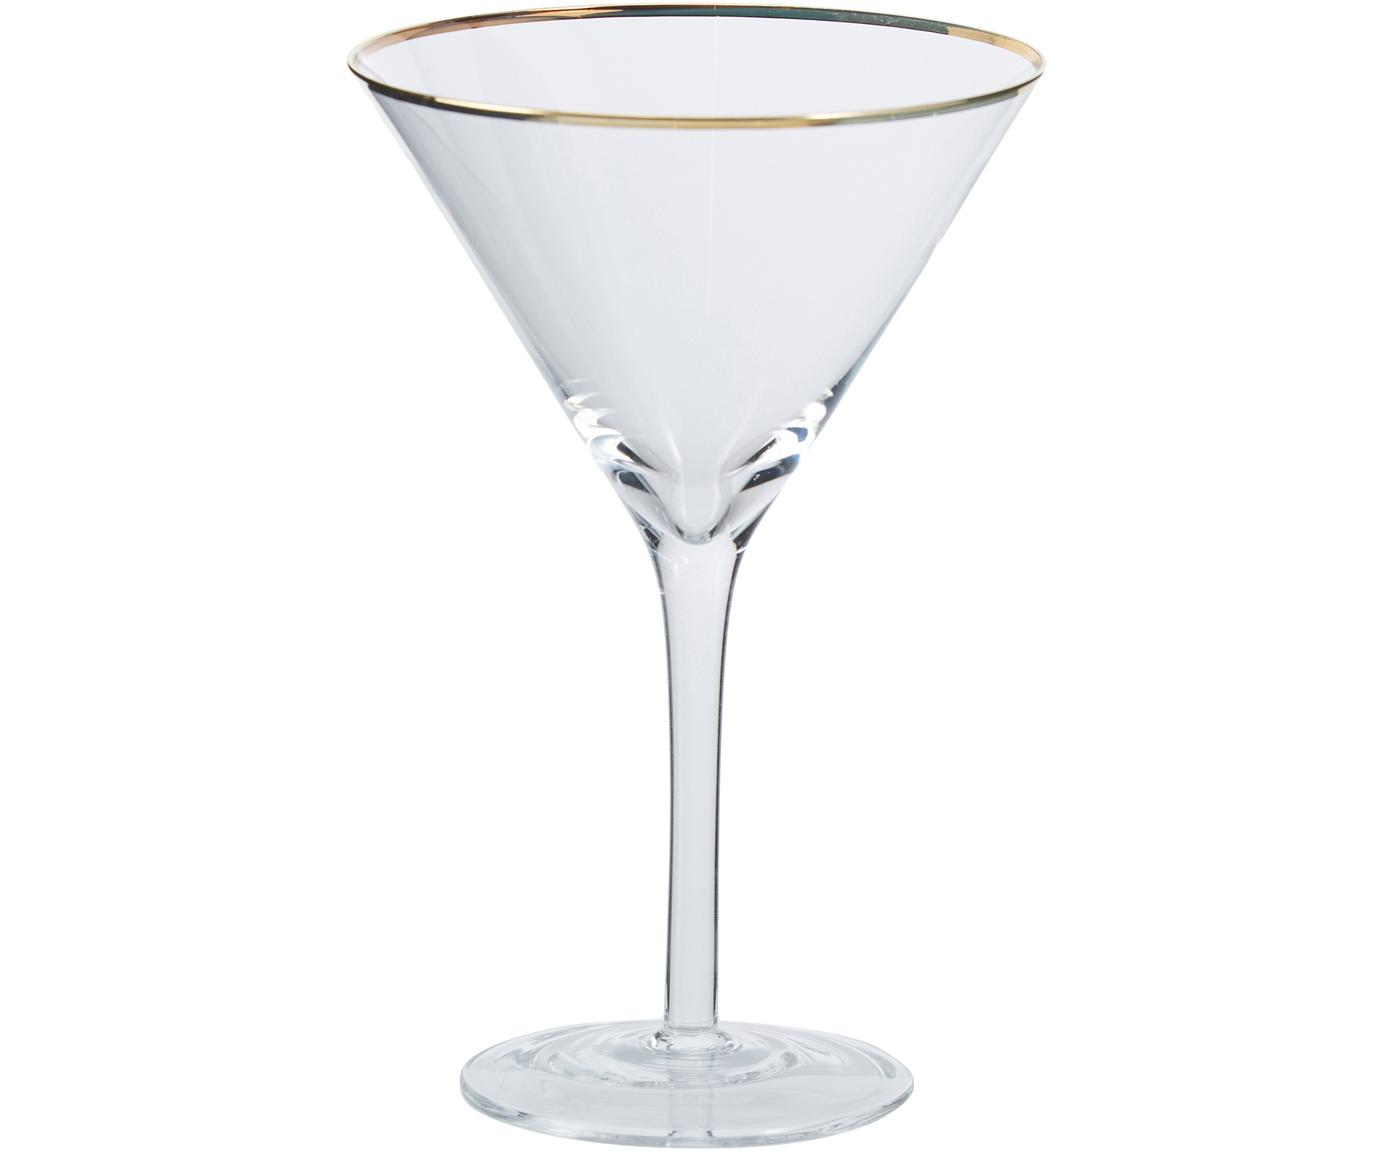 Copas martini Chloe, 4uds., Vidrio, Transparente, Ø 12 x Al 19 cm